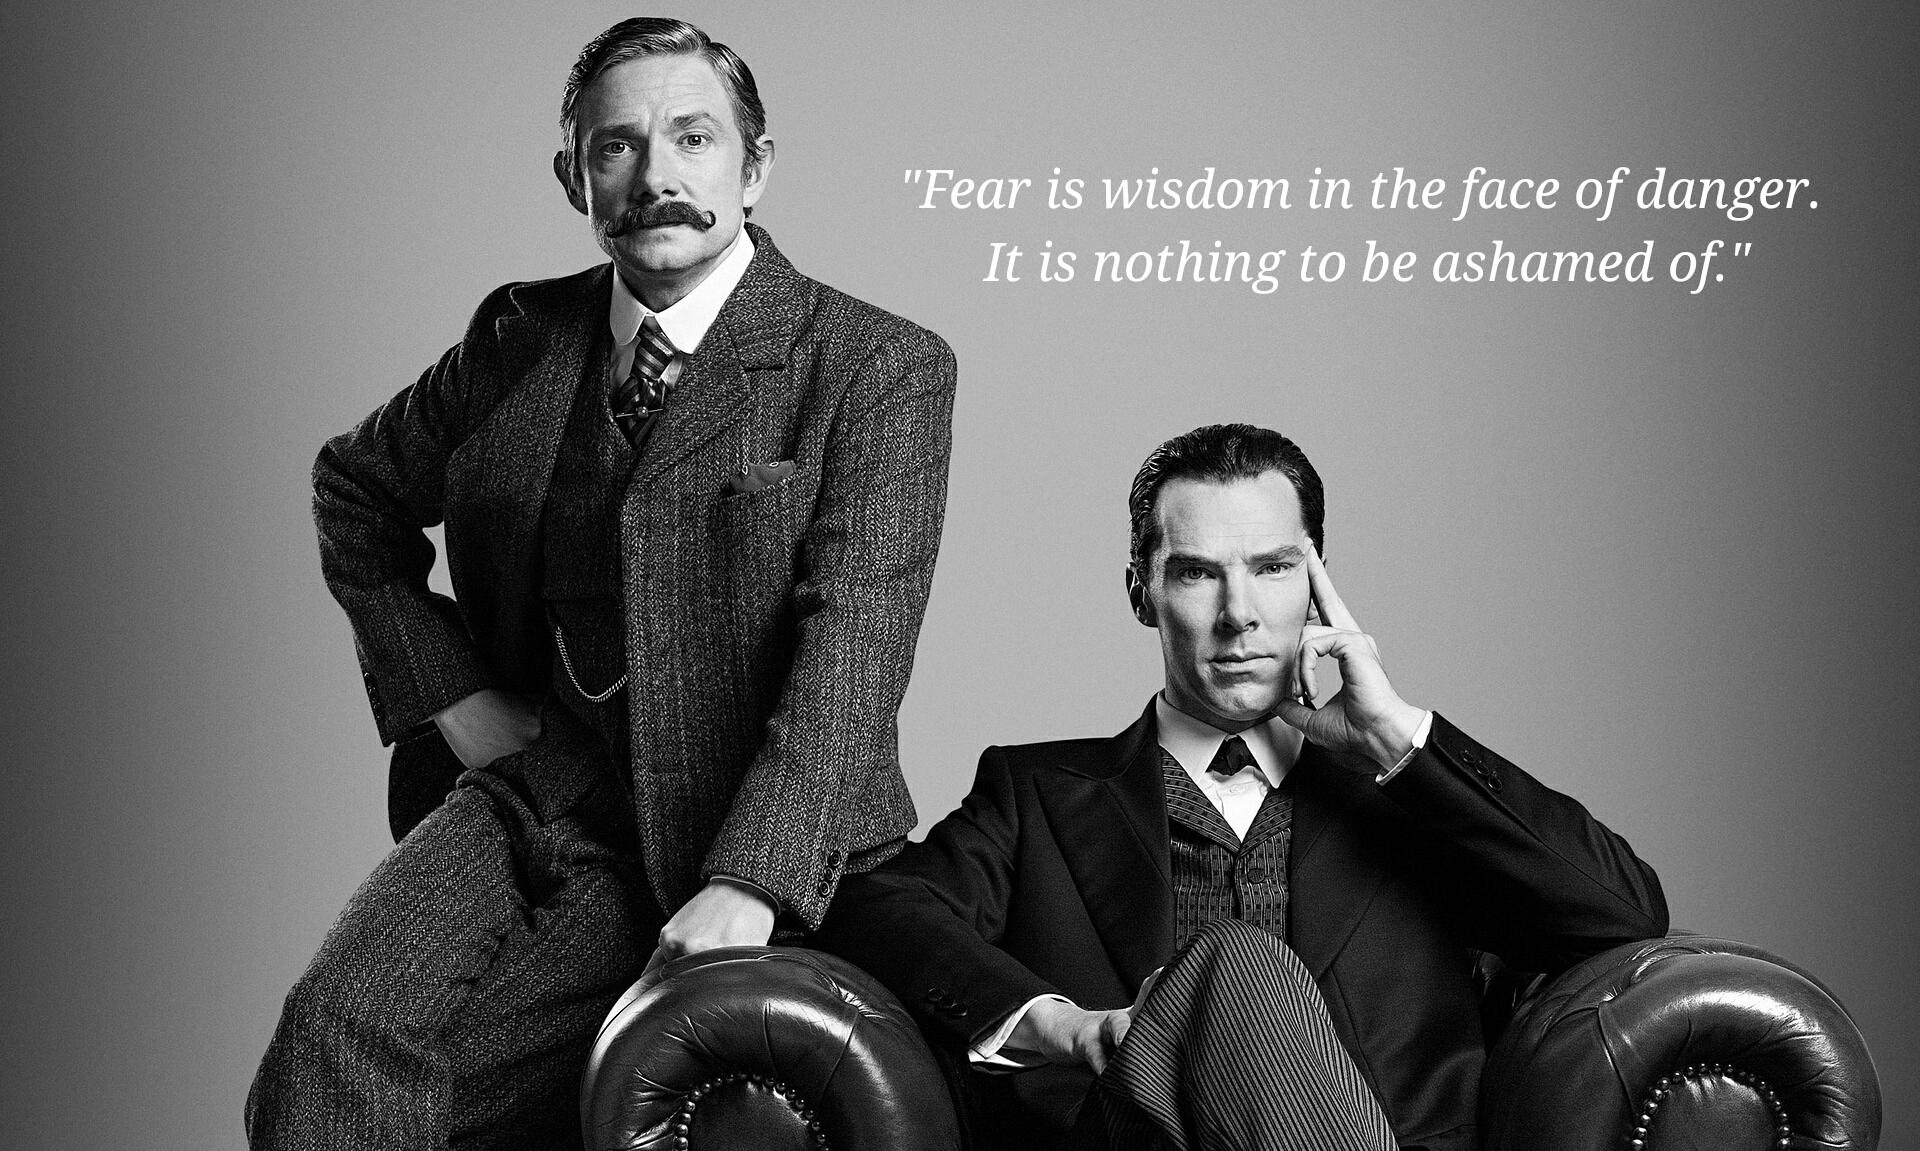 [Image] Sherlock Holmes on fear